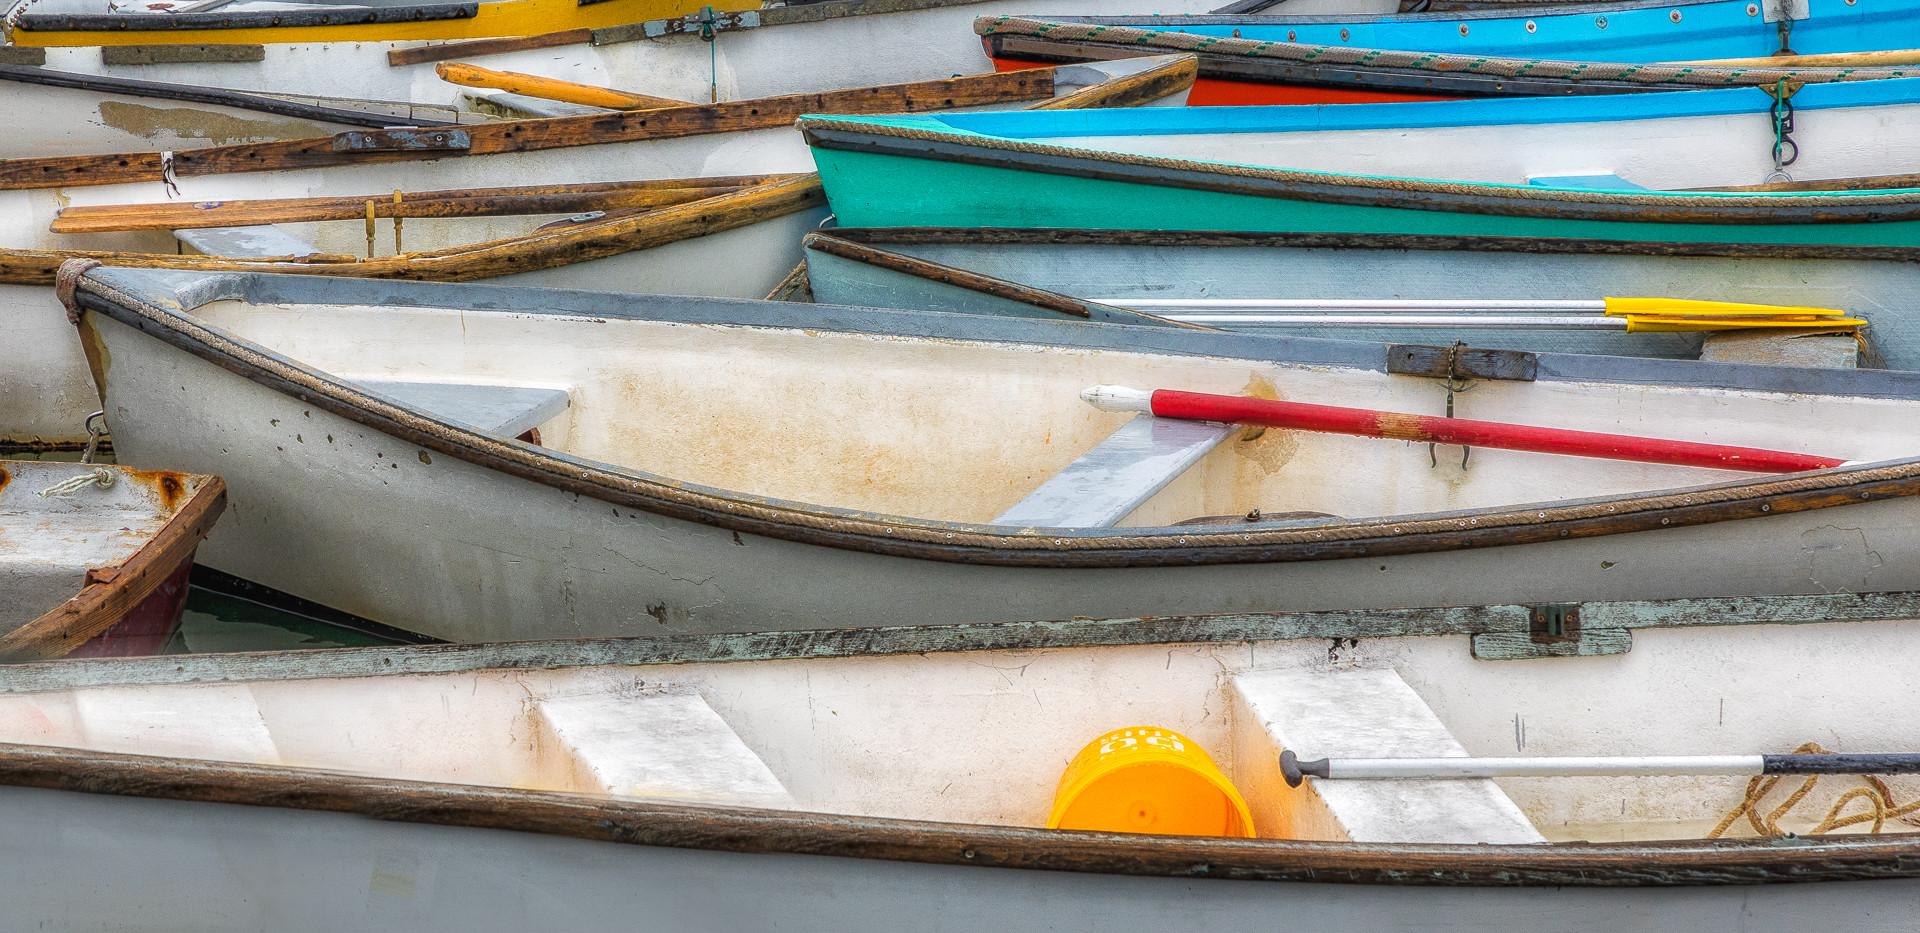 Michael Jack, Lobsterboat Dinghies